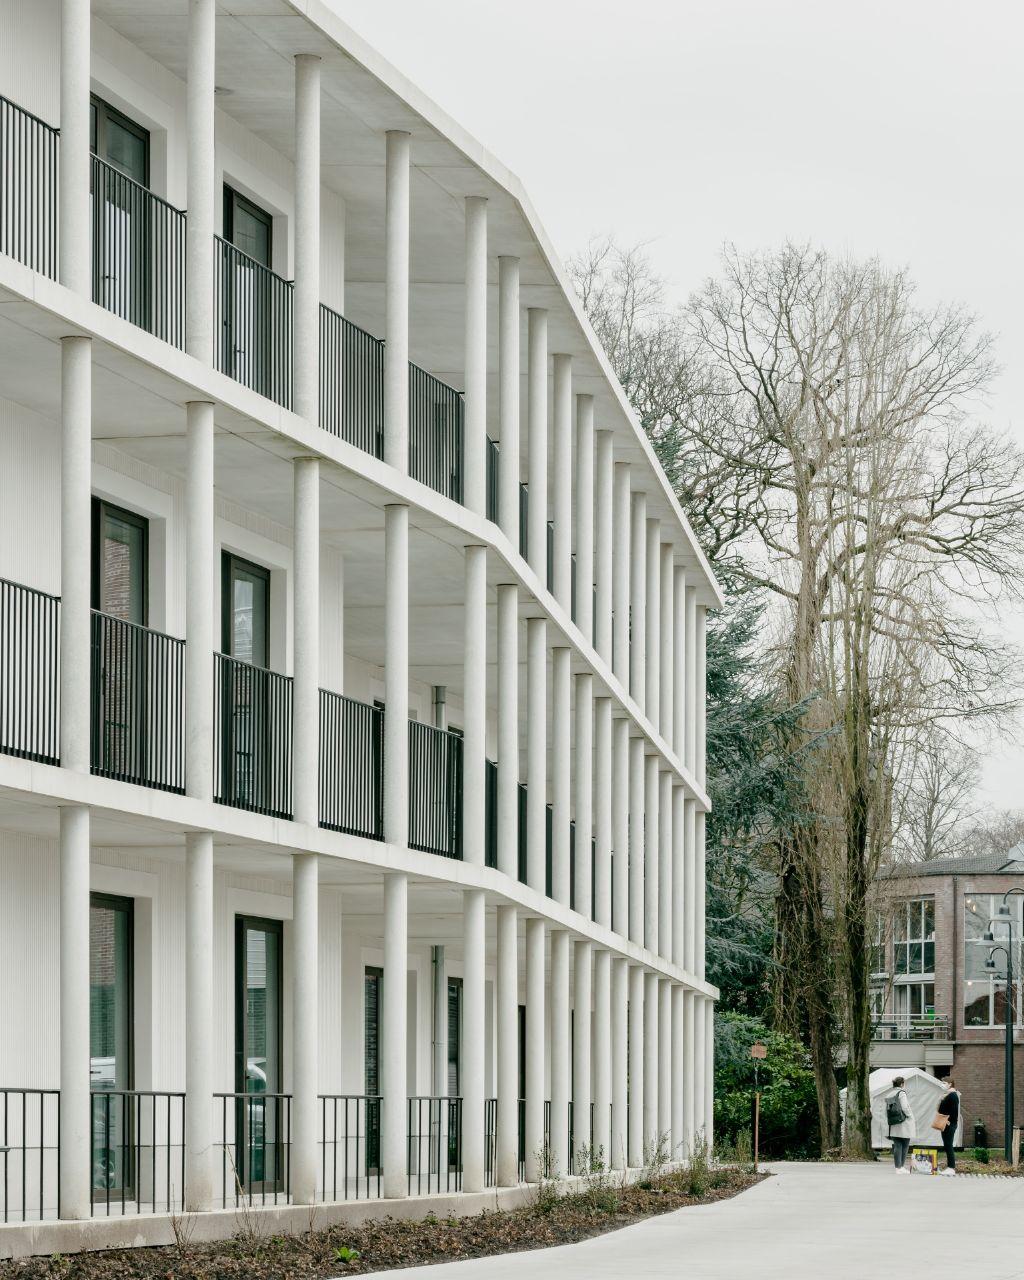 De Korenbloem, Kortrijk - Studio Jan Vermeulen ism. Tom Thys Architecten